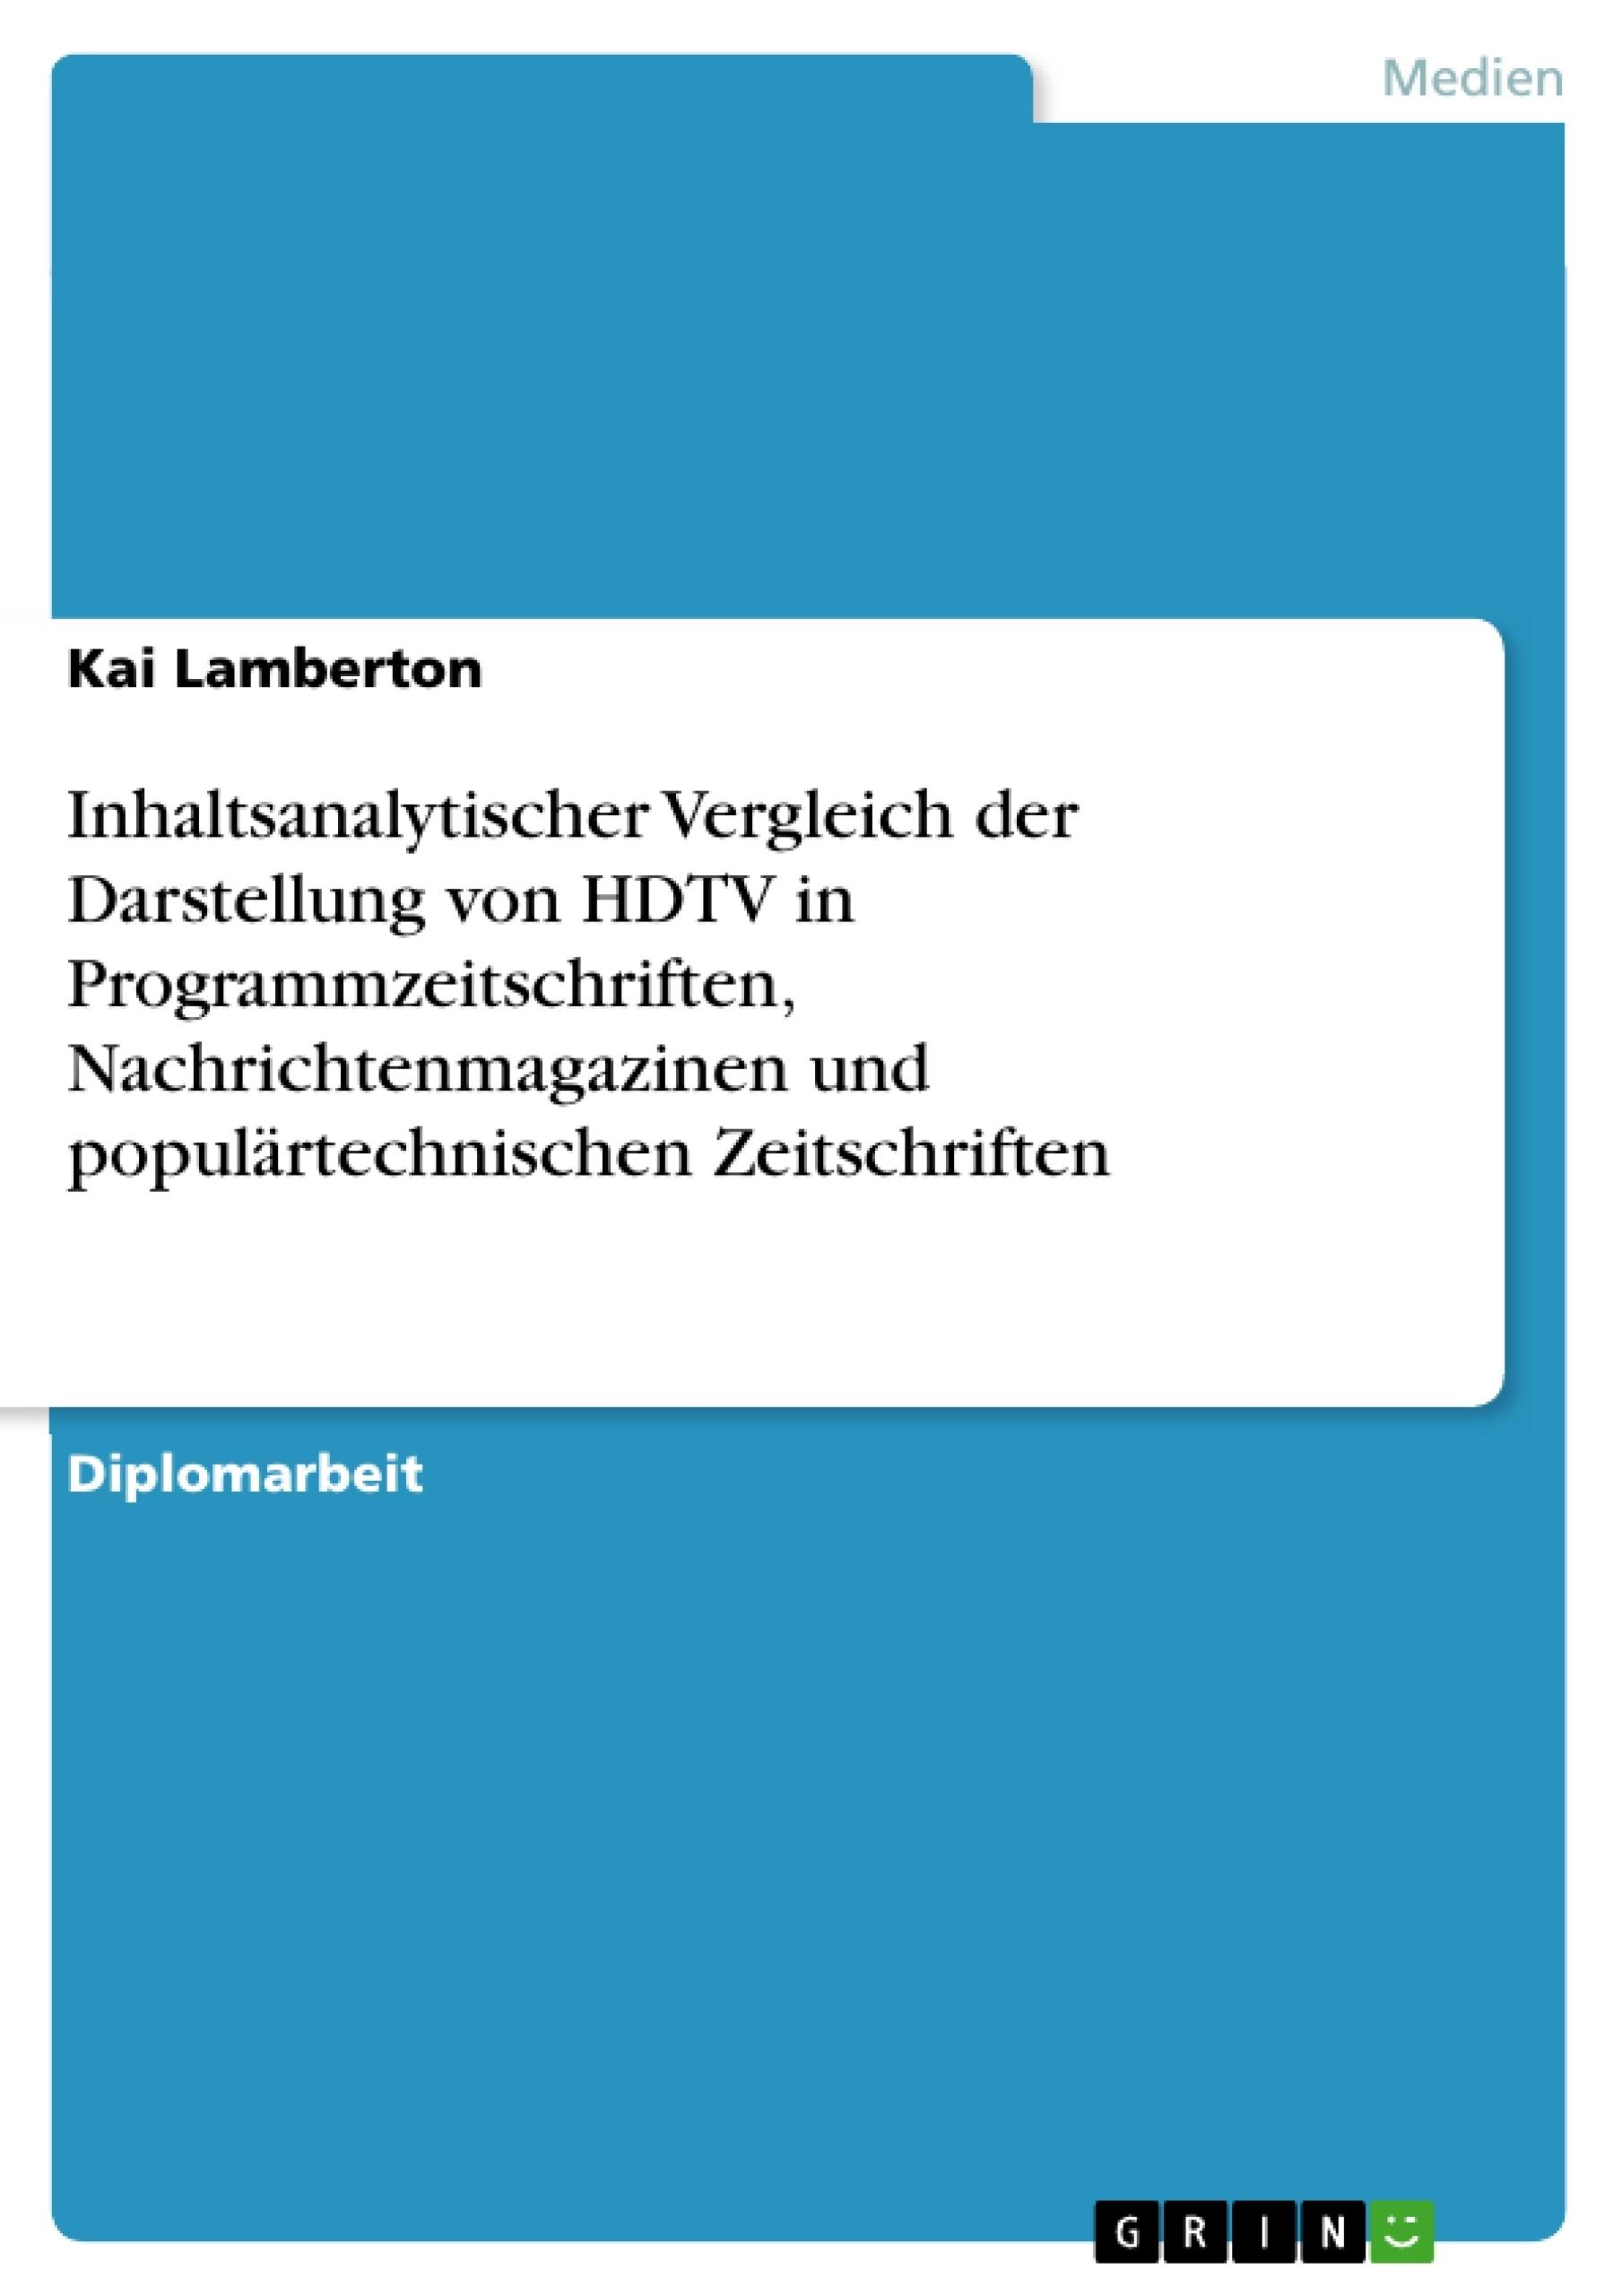 Titel: Inhaltsanalytischer Vergleich der Darstellung von HDTV in Programmzeitschriften, Nachrichtenmagazinen und populärtechnischen Zeitschriften